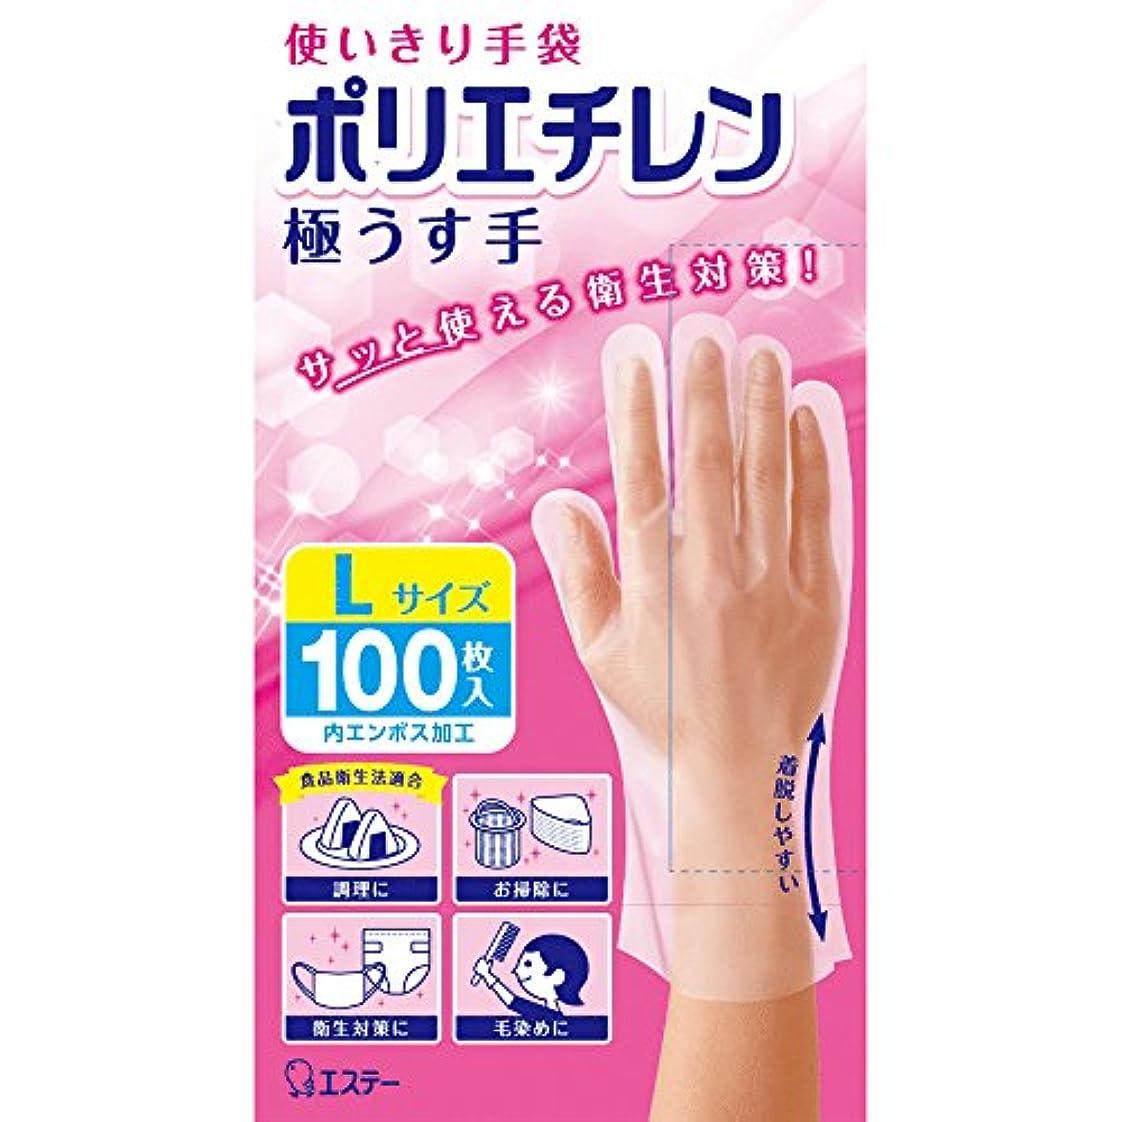 とげのある罪悪感わずらわしい使いきり手袋 ポリエチレン 極うす手 Lサイズ 半透明 100枚 使い捨て 食品衛生法適合